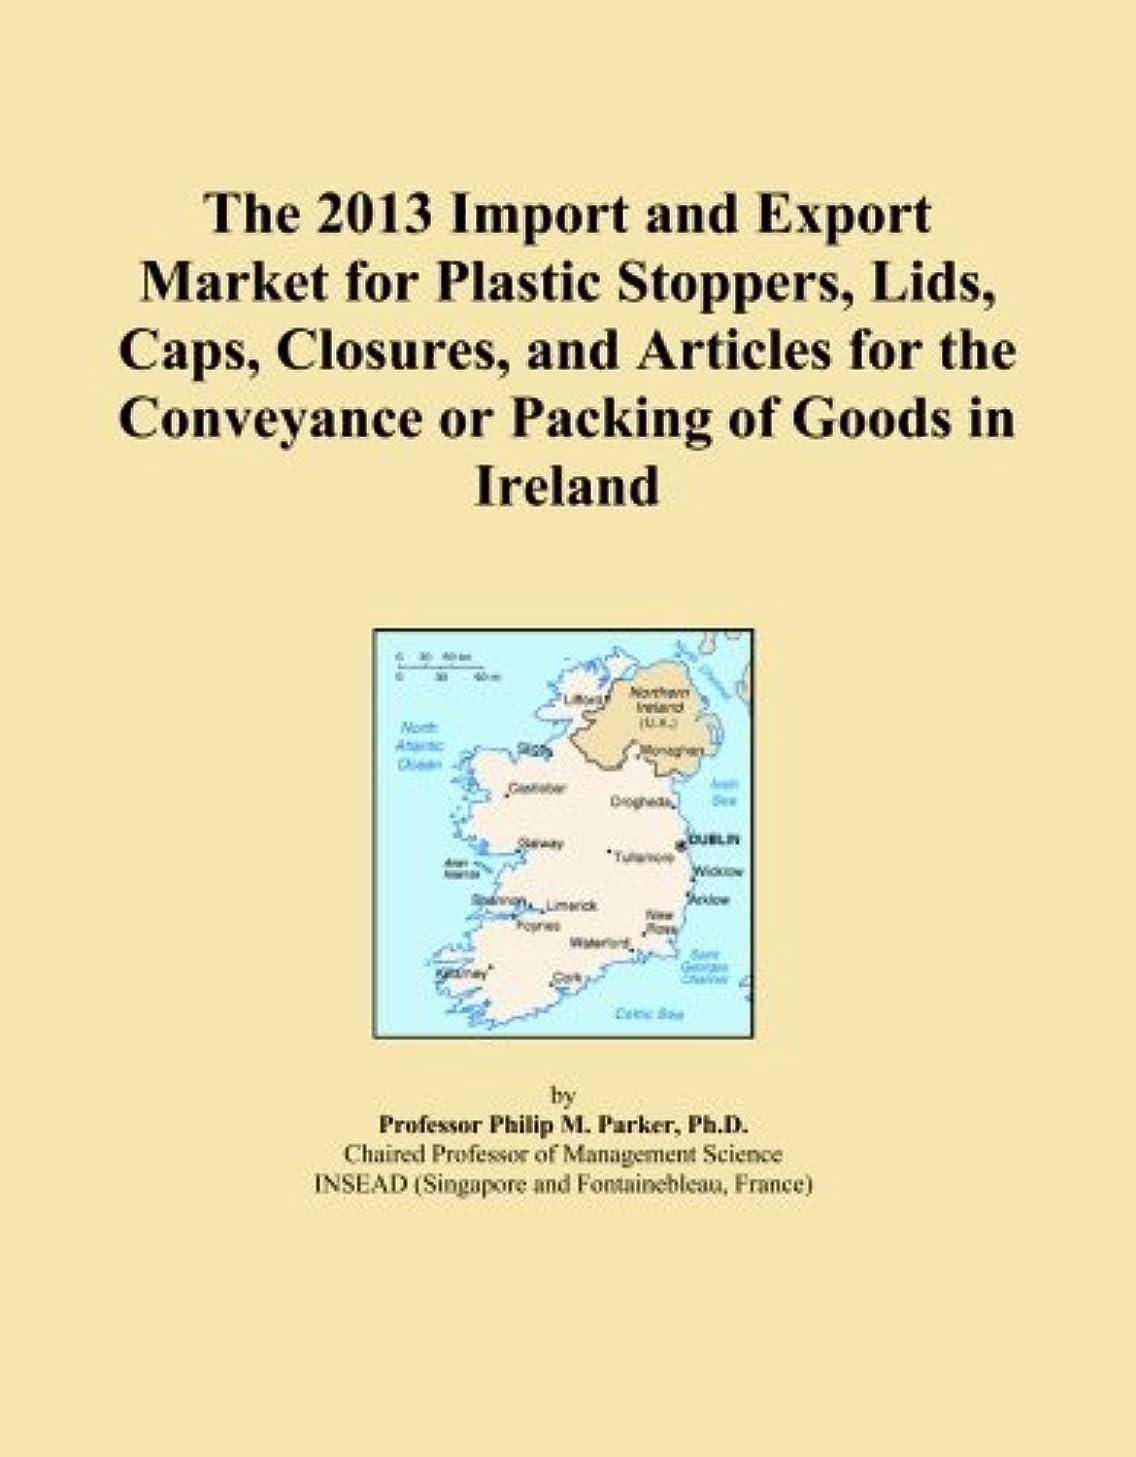 集団九月ソーセージThe 2013 Import and Export Market for Plastic Stoppers, Lids, Caps, Closures, and Articles for the Conveyance or Packing of Goods in Ireland